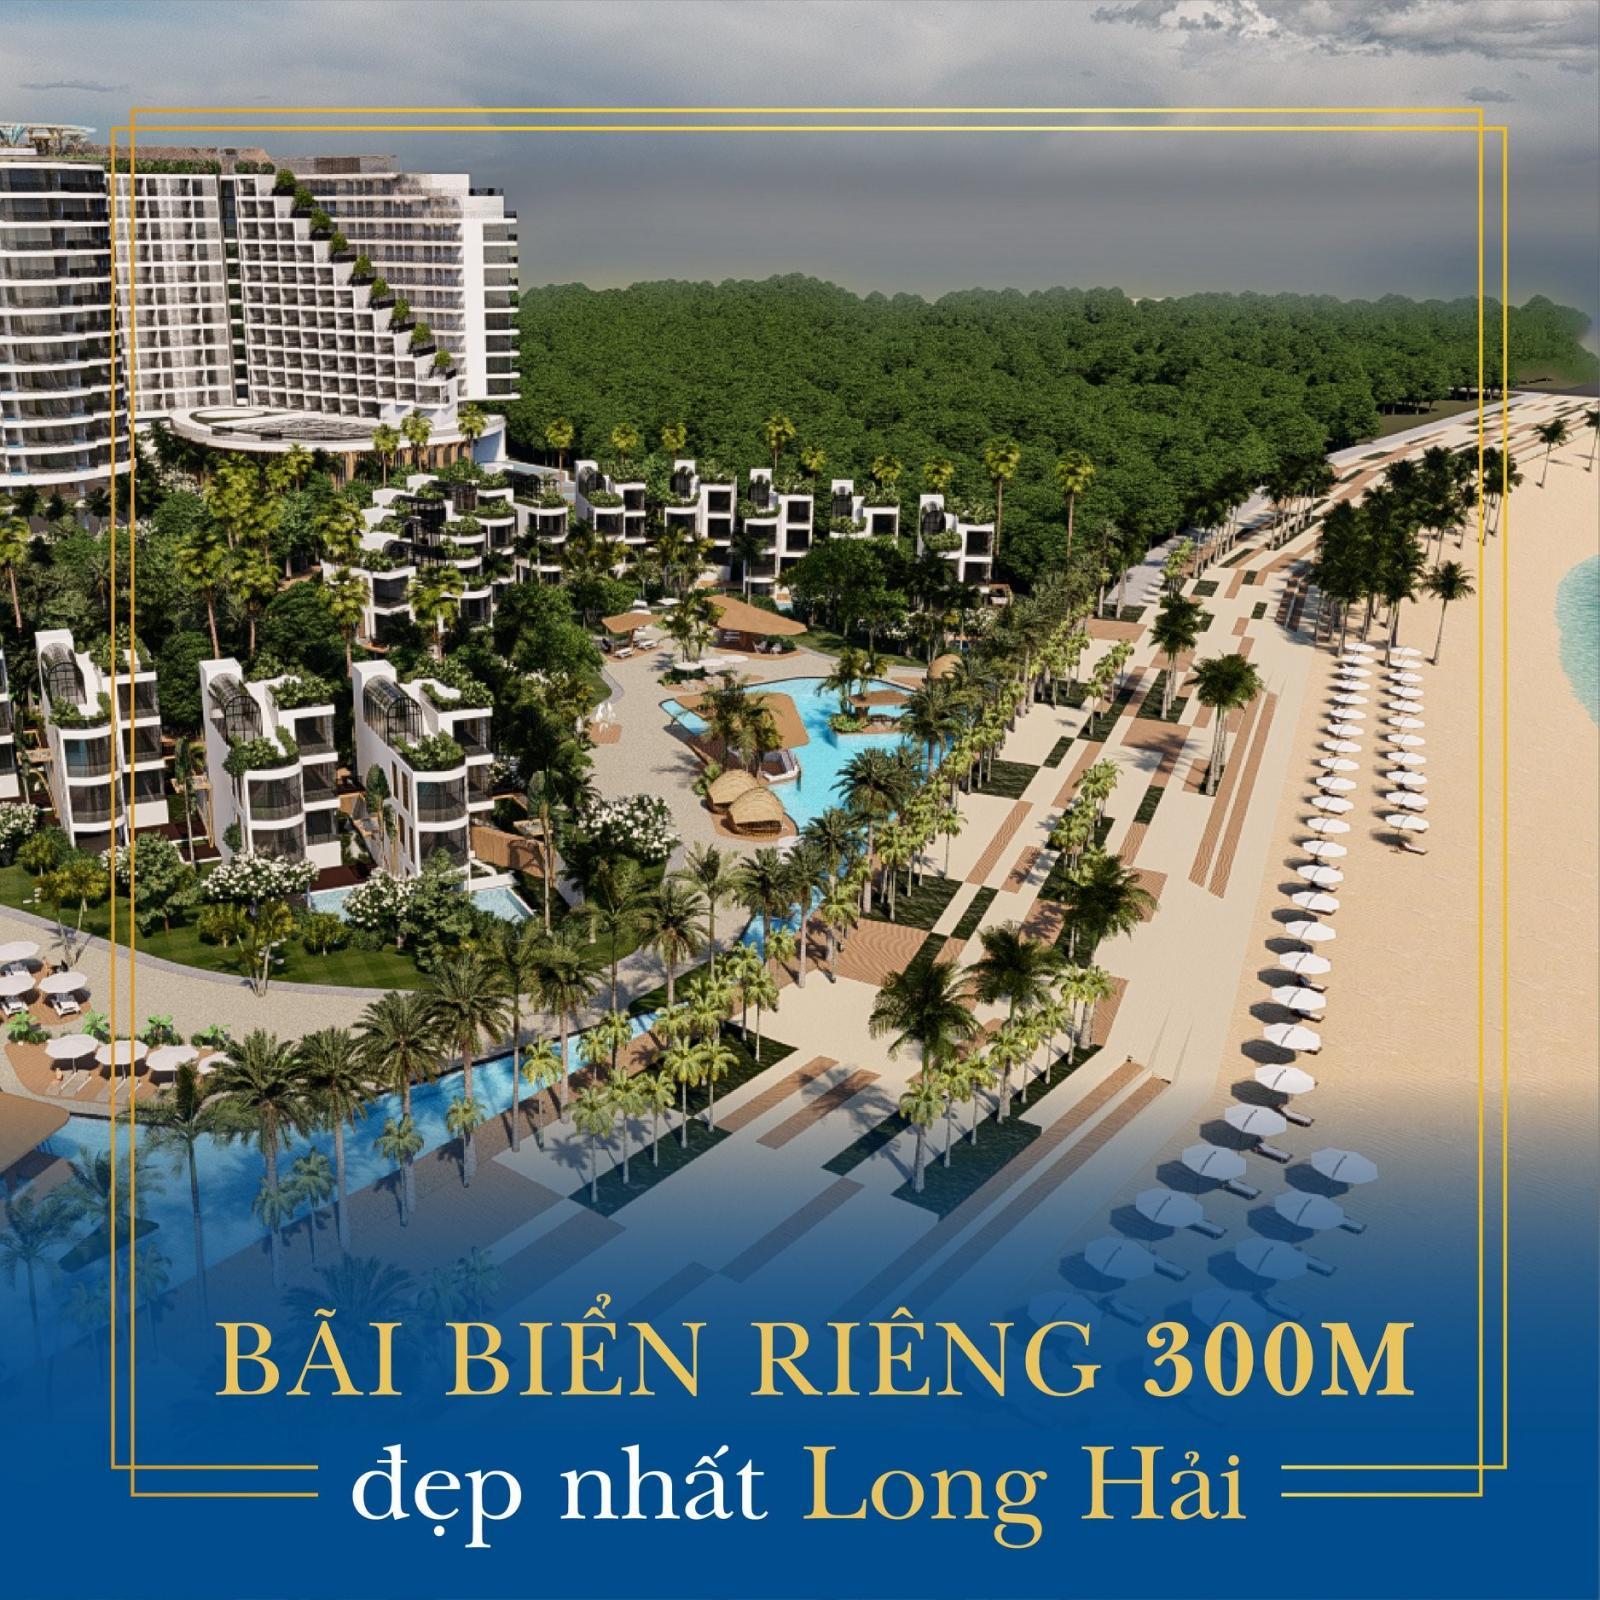 dự án nghỉ dưỡng nằm ven biển